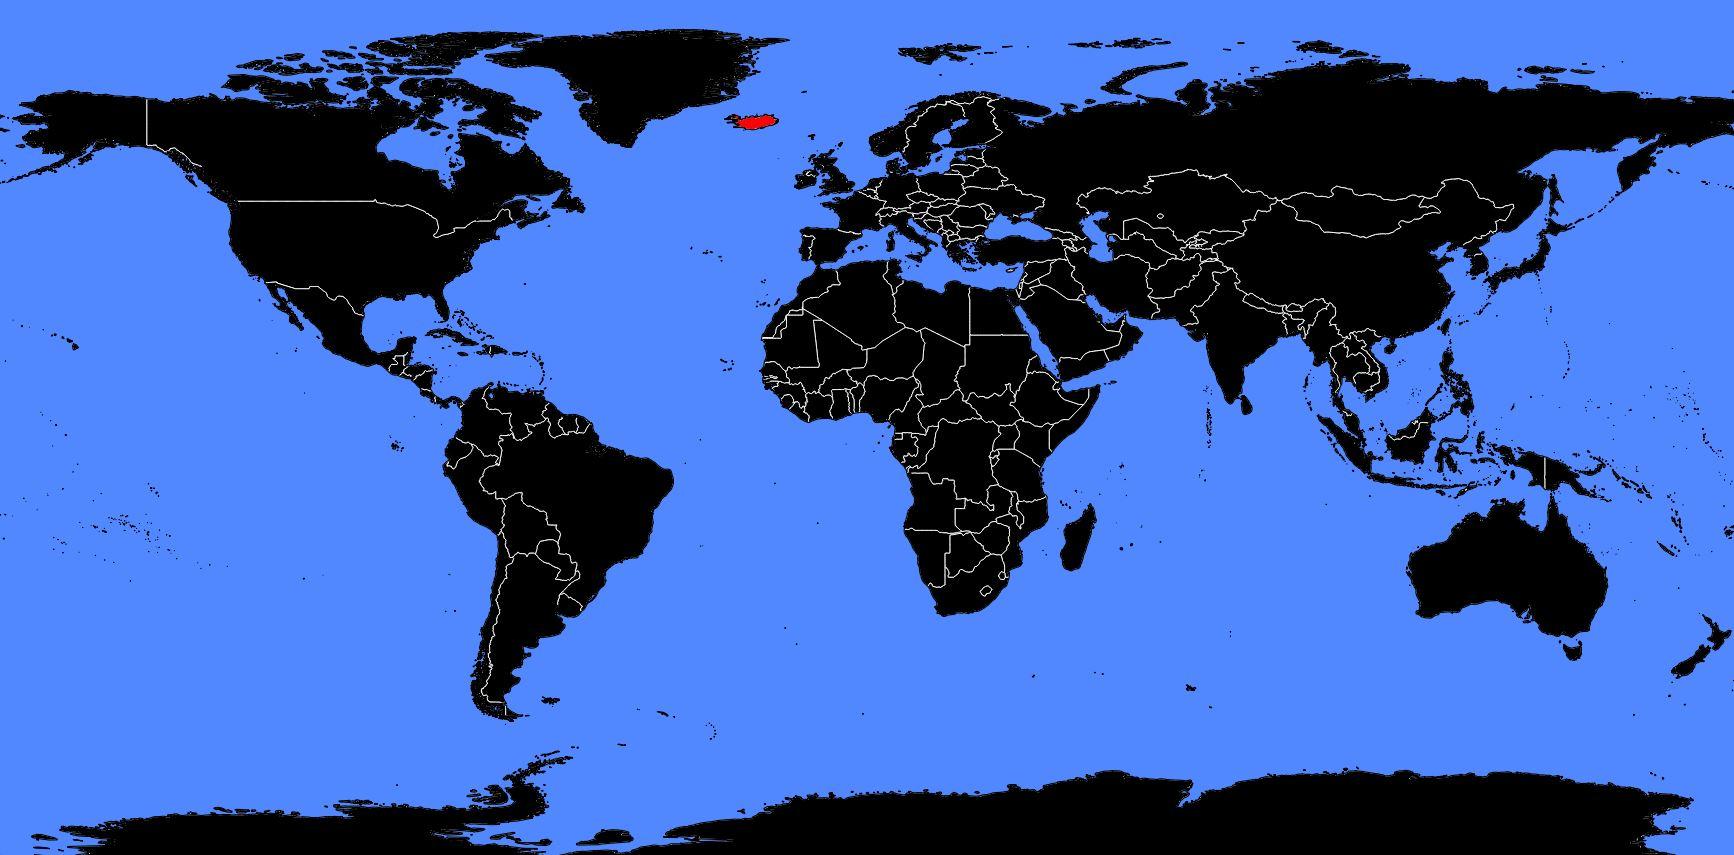 ou se trouve l islande sur la carte du monde Carte de l'Islande   Plusieurs cartes de l'île du nord de l'Europe